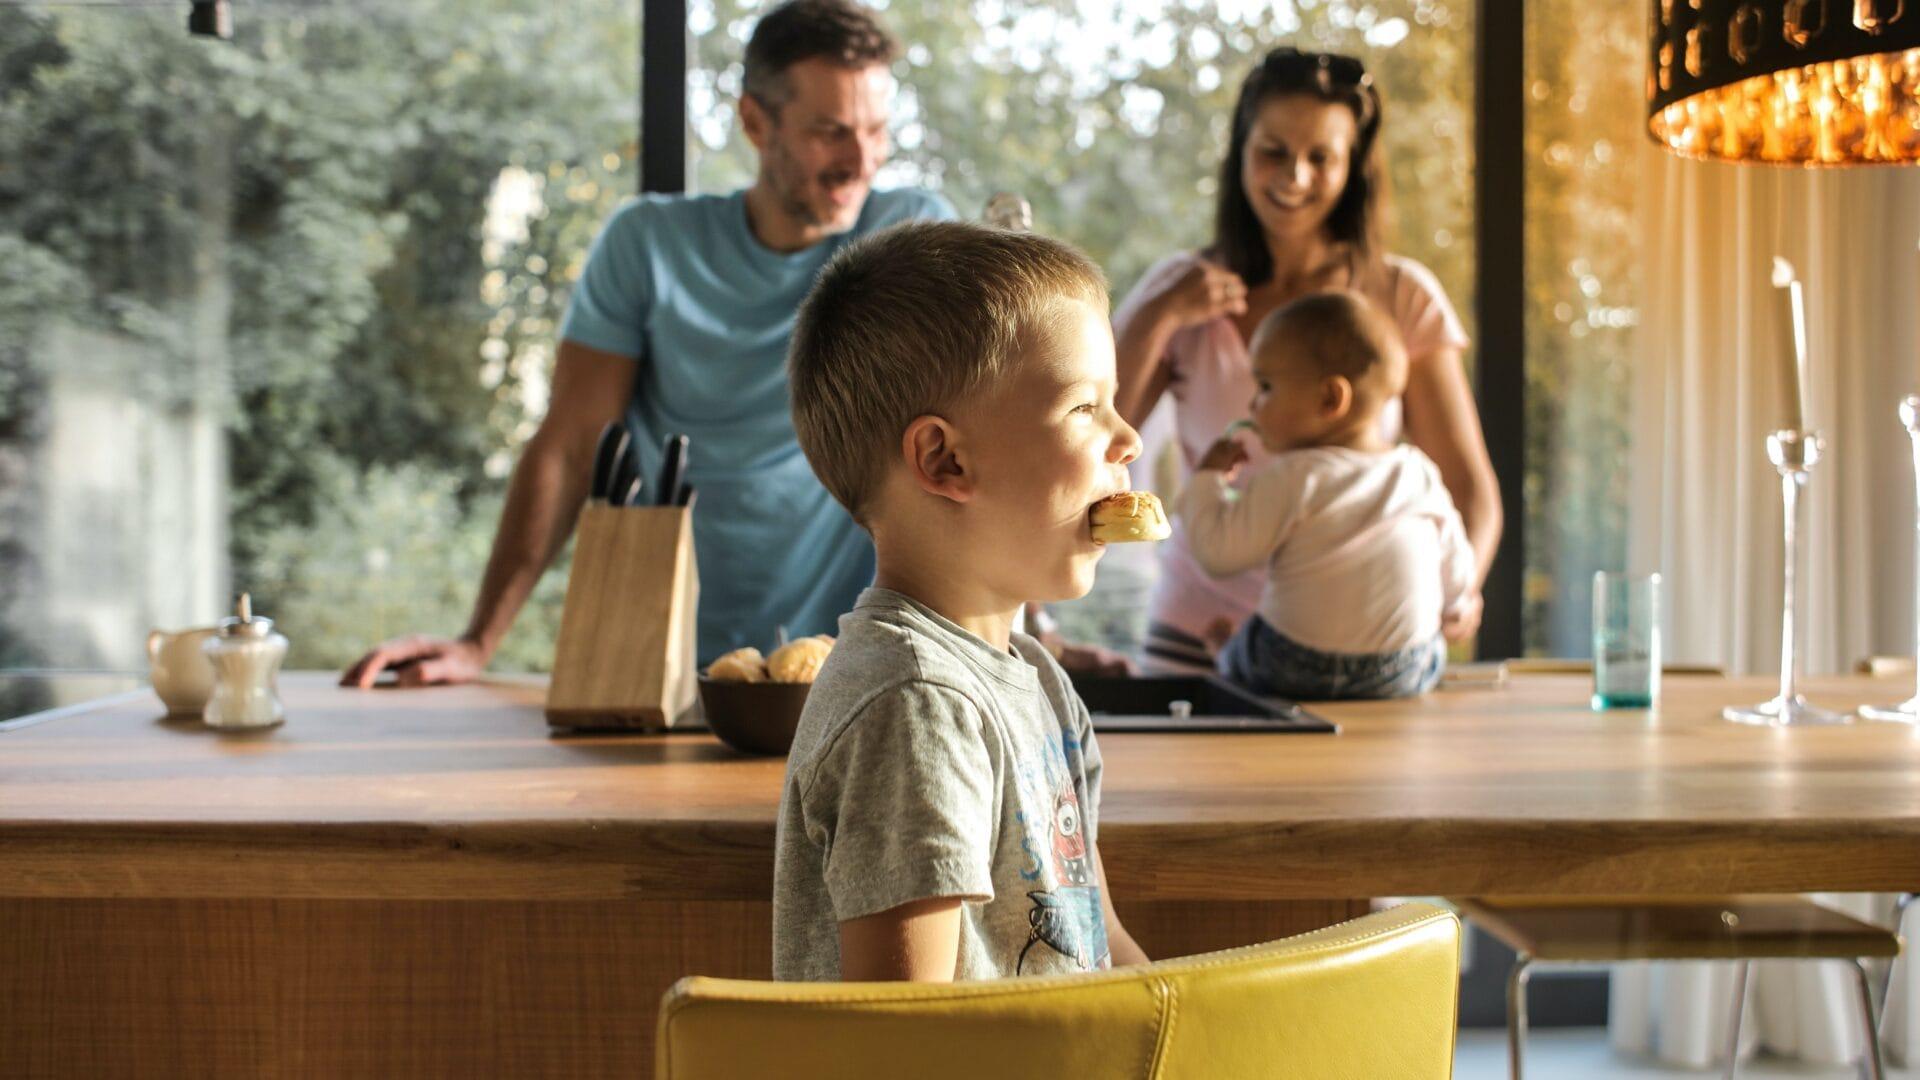 hofgut-apartment-lifestyle-resort-wagrain-familie-apartment